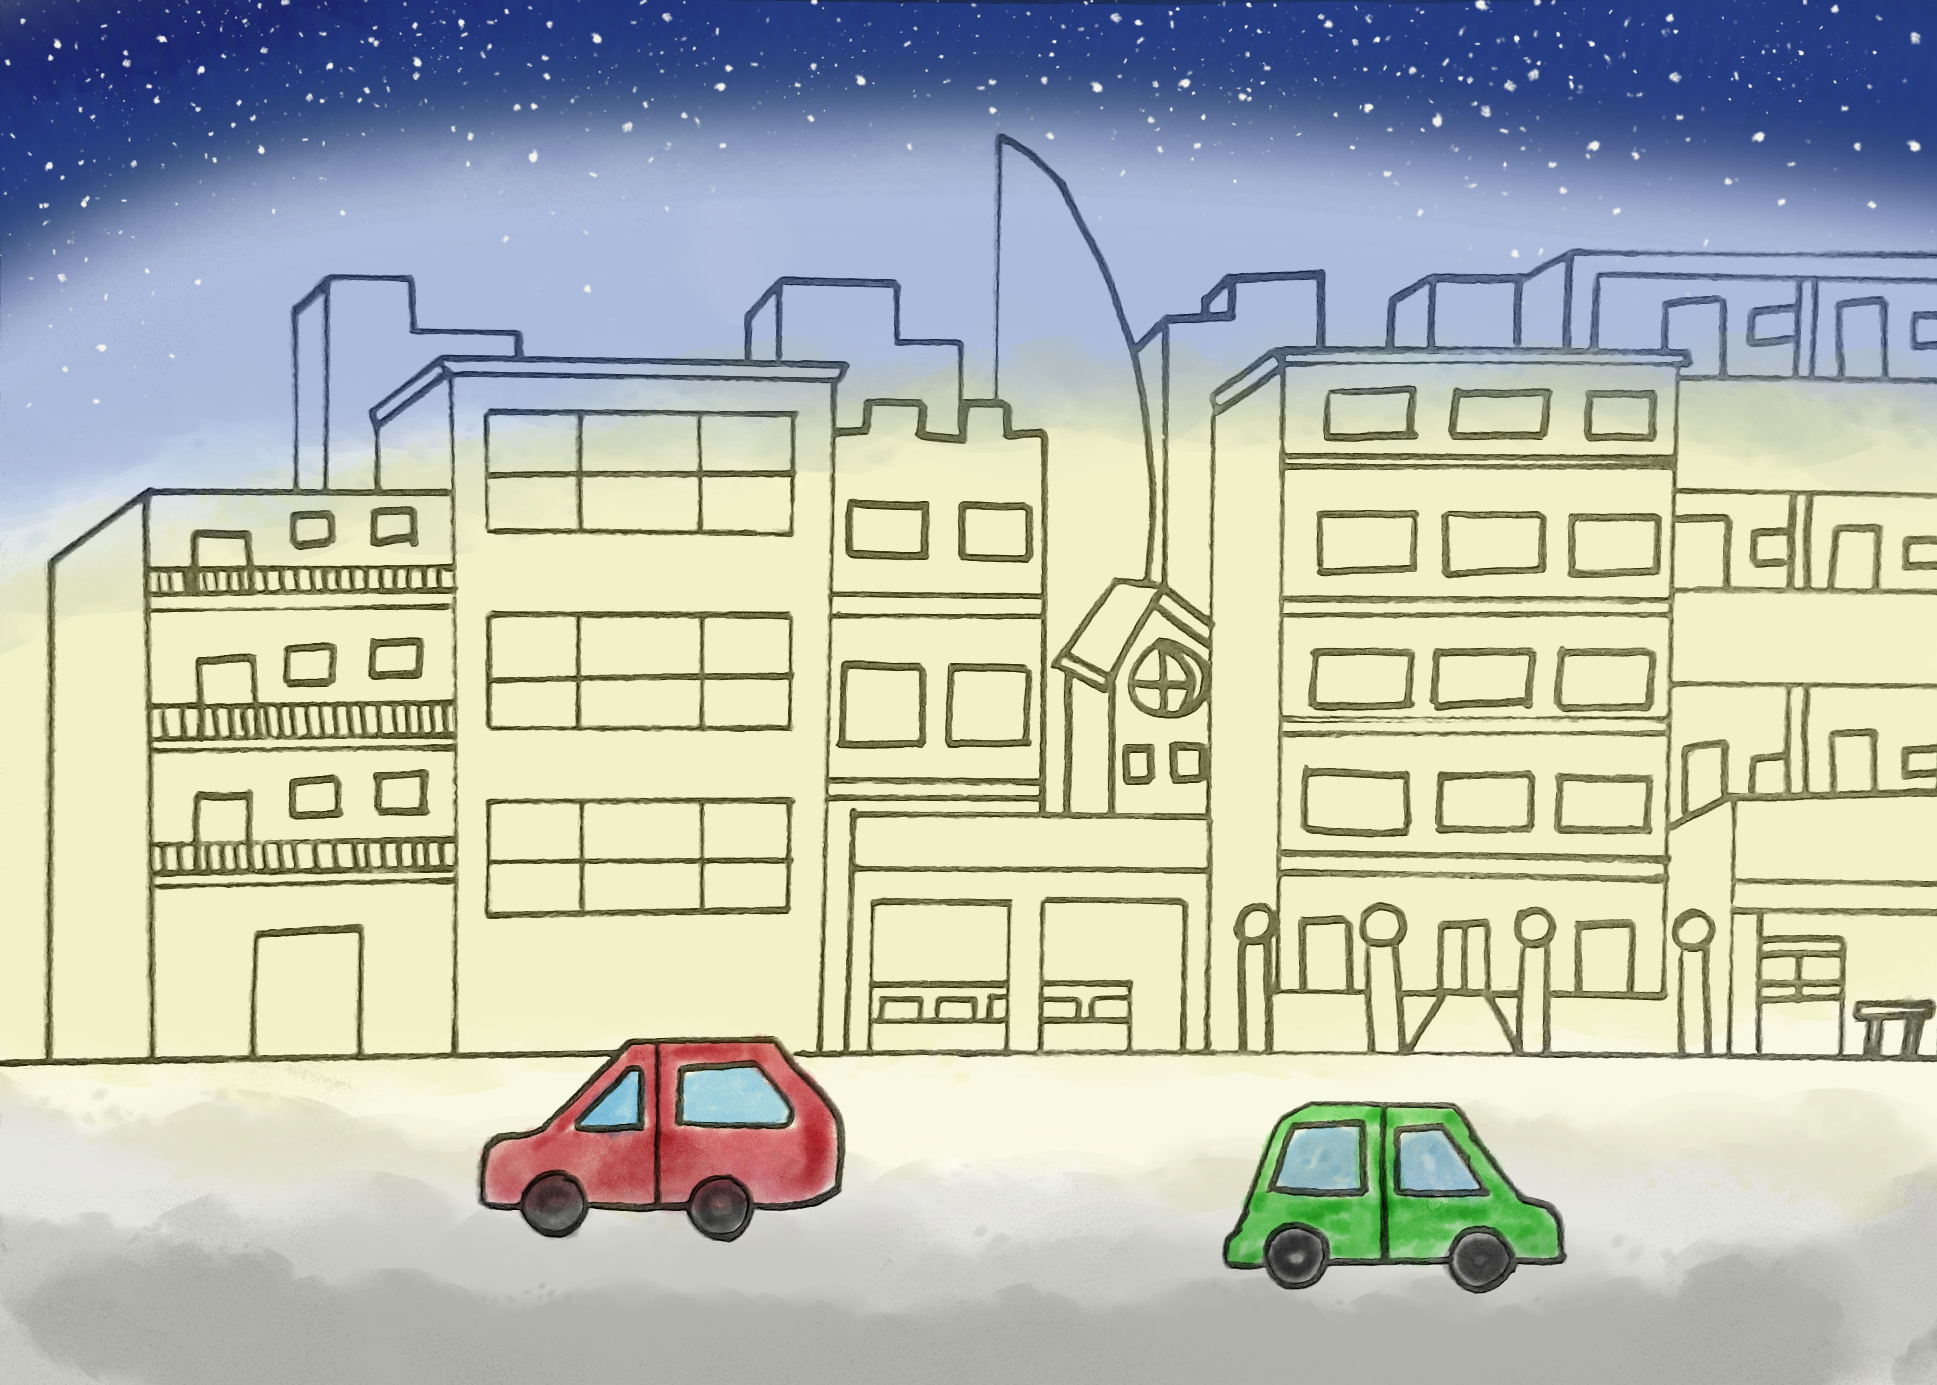 Hiruk piruk kota di malam hari Illustrator: Yulia Kezia